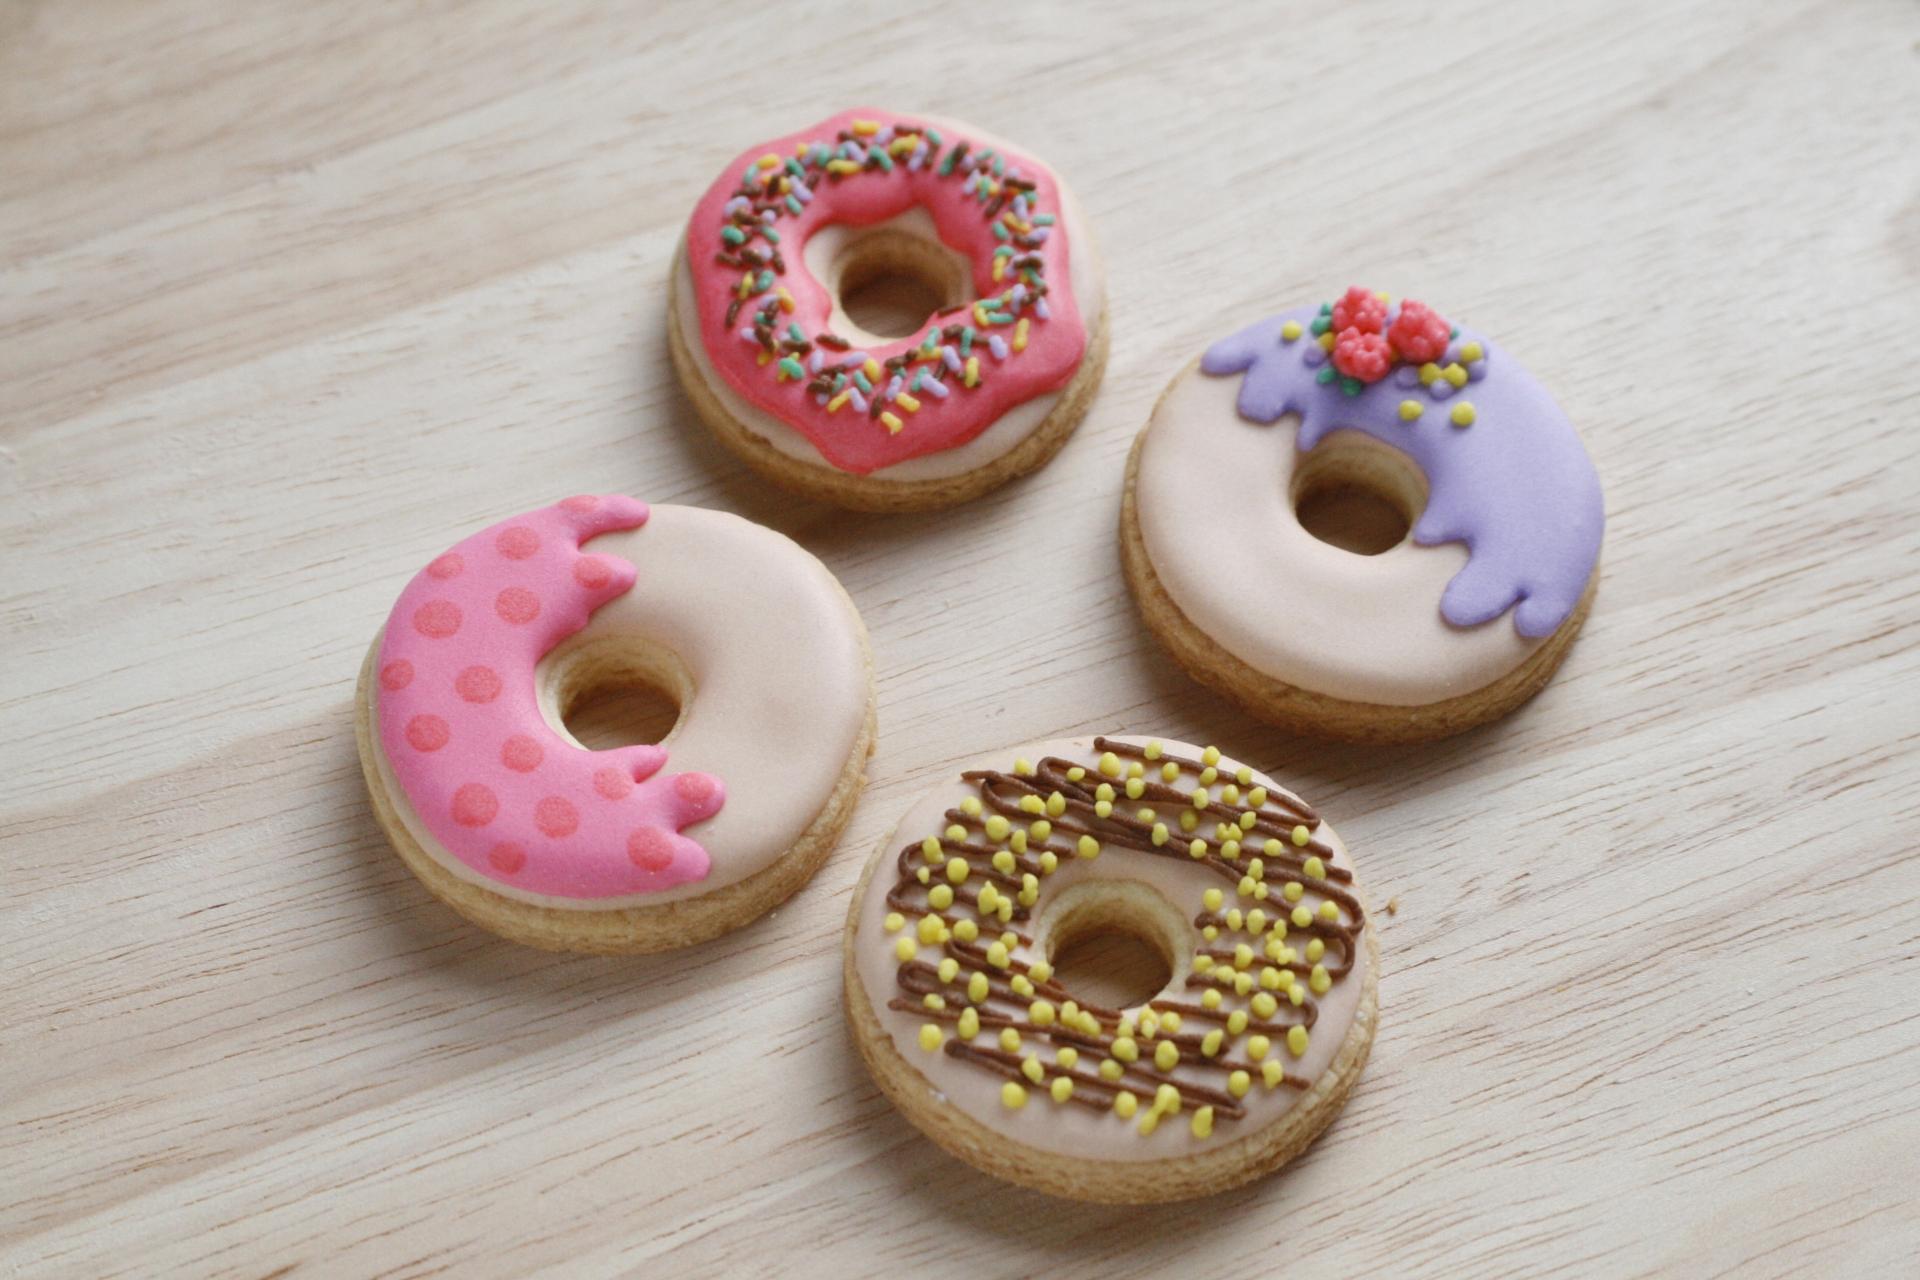 クッキー 日持ち 手作り 手作りクッキーって日持ちするの?賞味期限について調べてみたよ!|